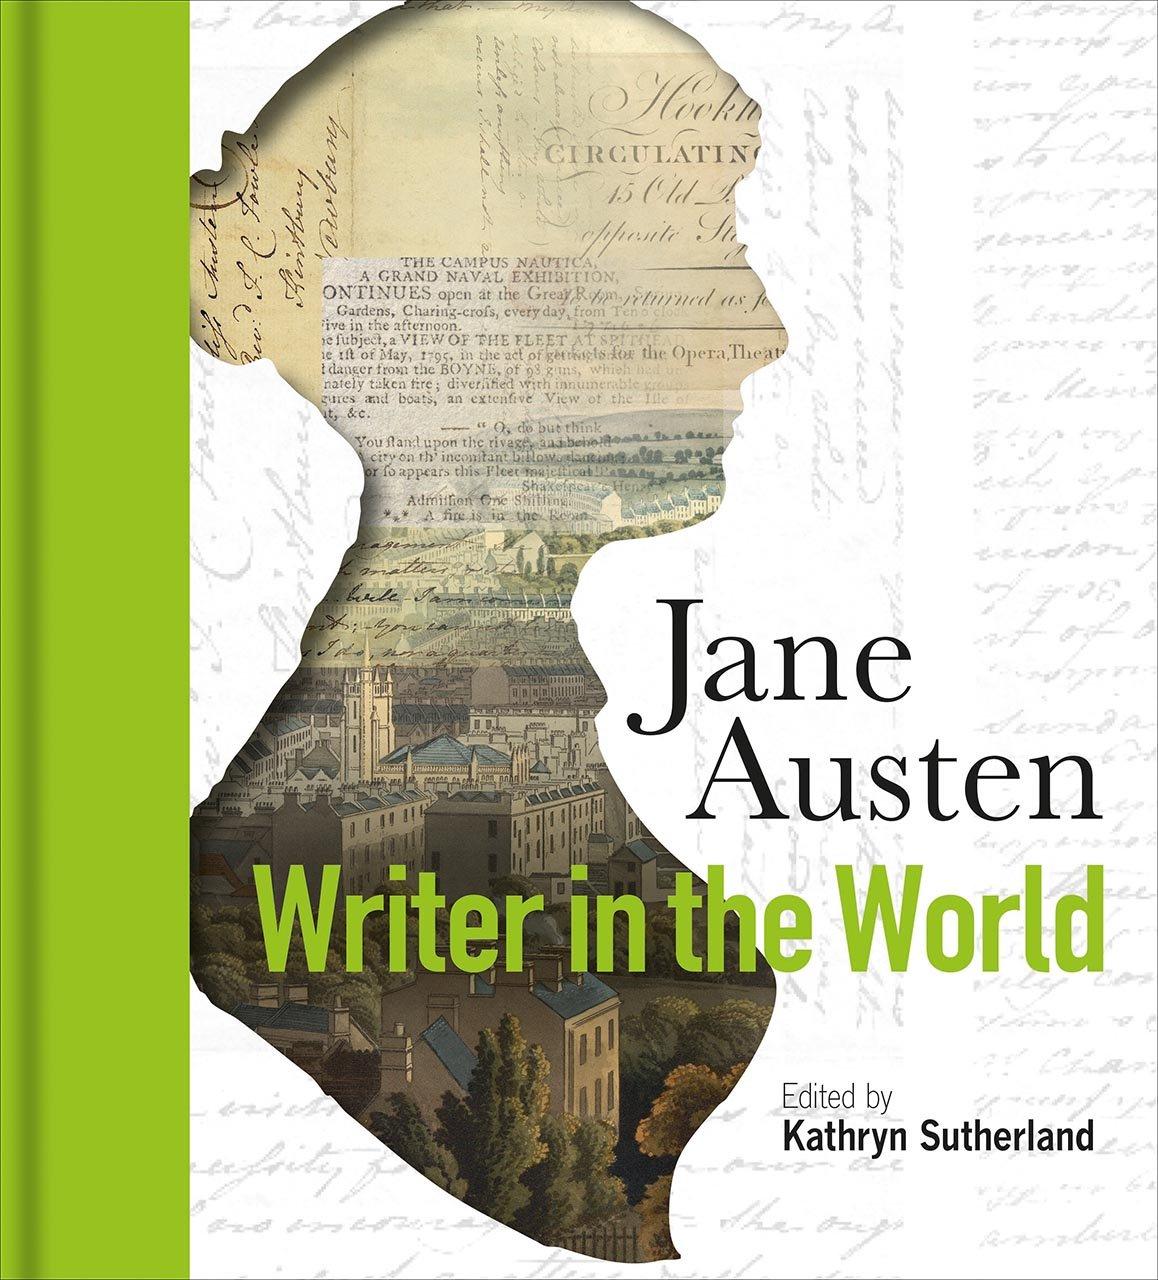 Download Jane Austen: Writer in the World PDF Text fb2 ebook